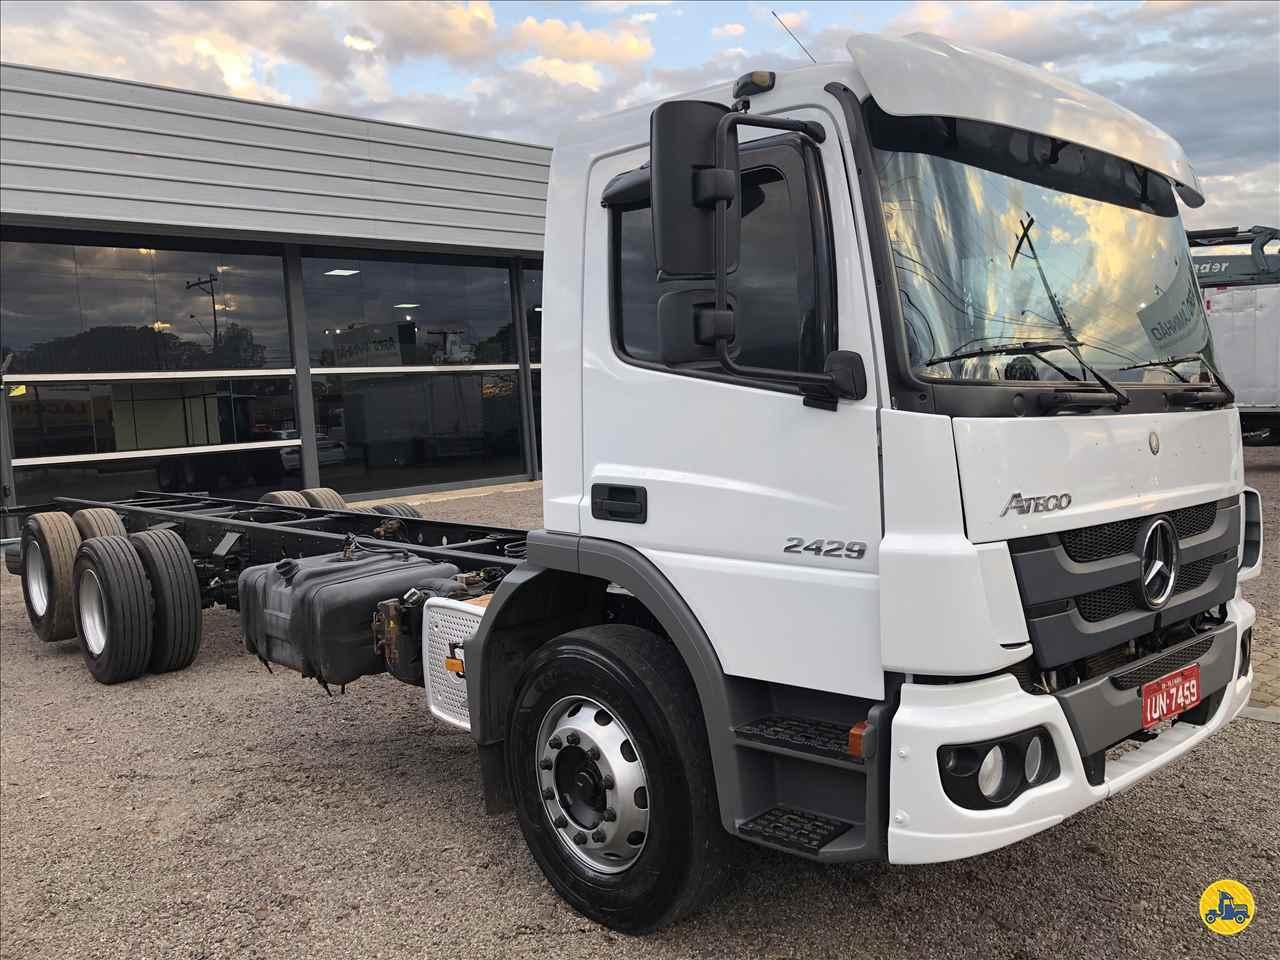 MB 2429 de Agro Caminhão - Caminhões e Máquinas Agrícolas - CARAZINHO/RS